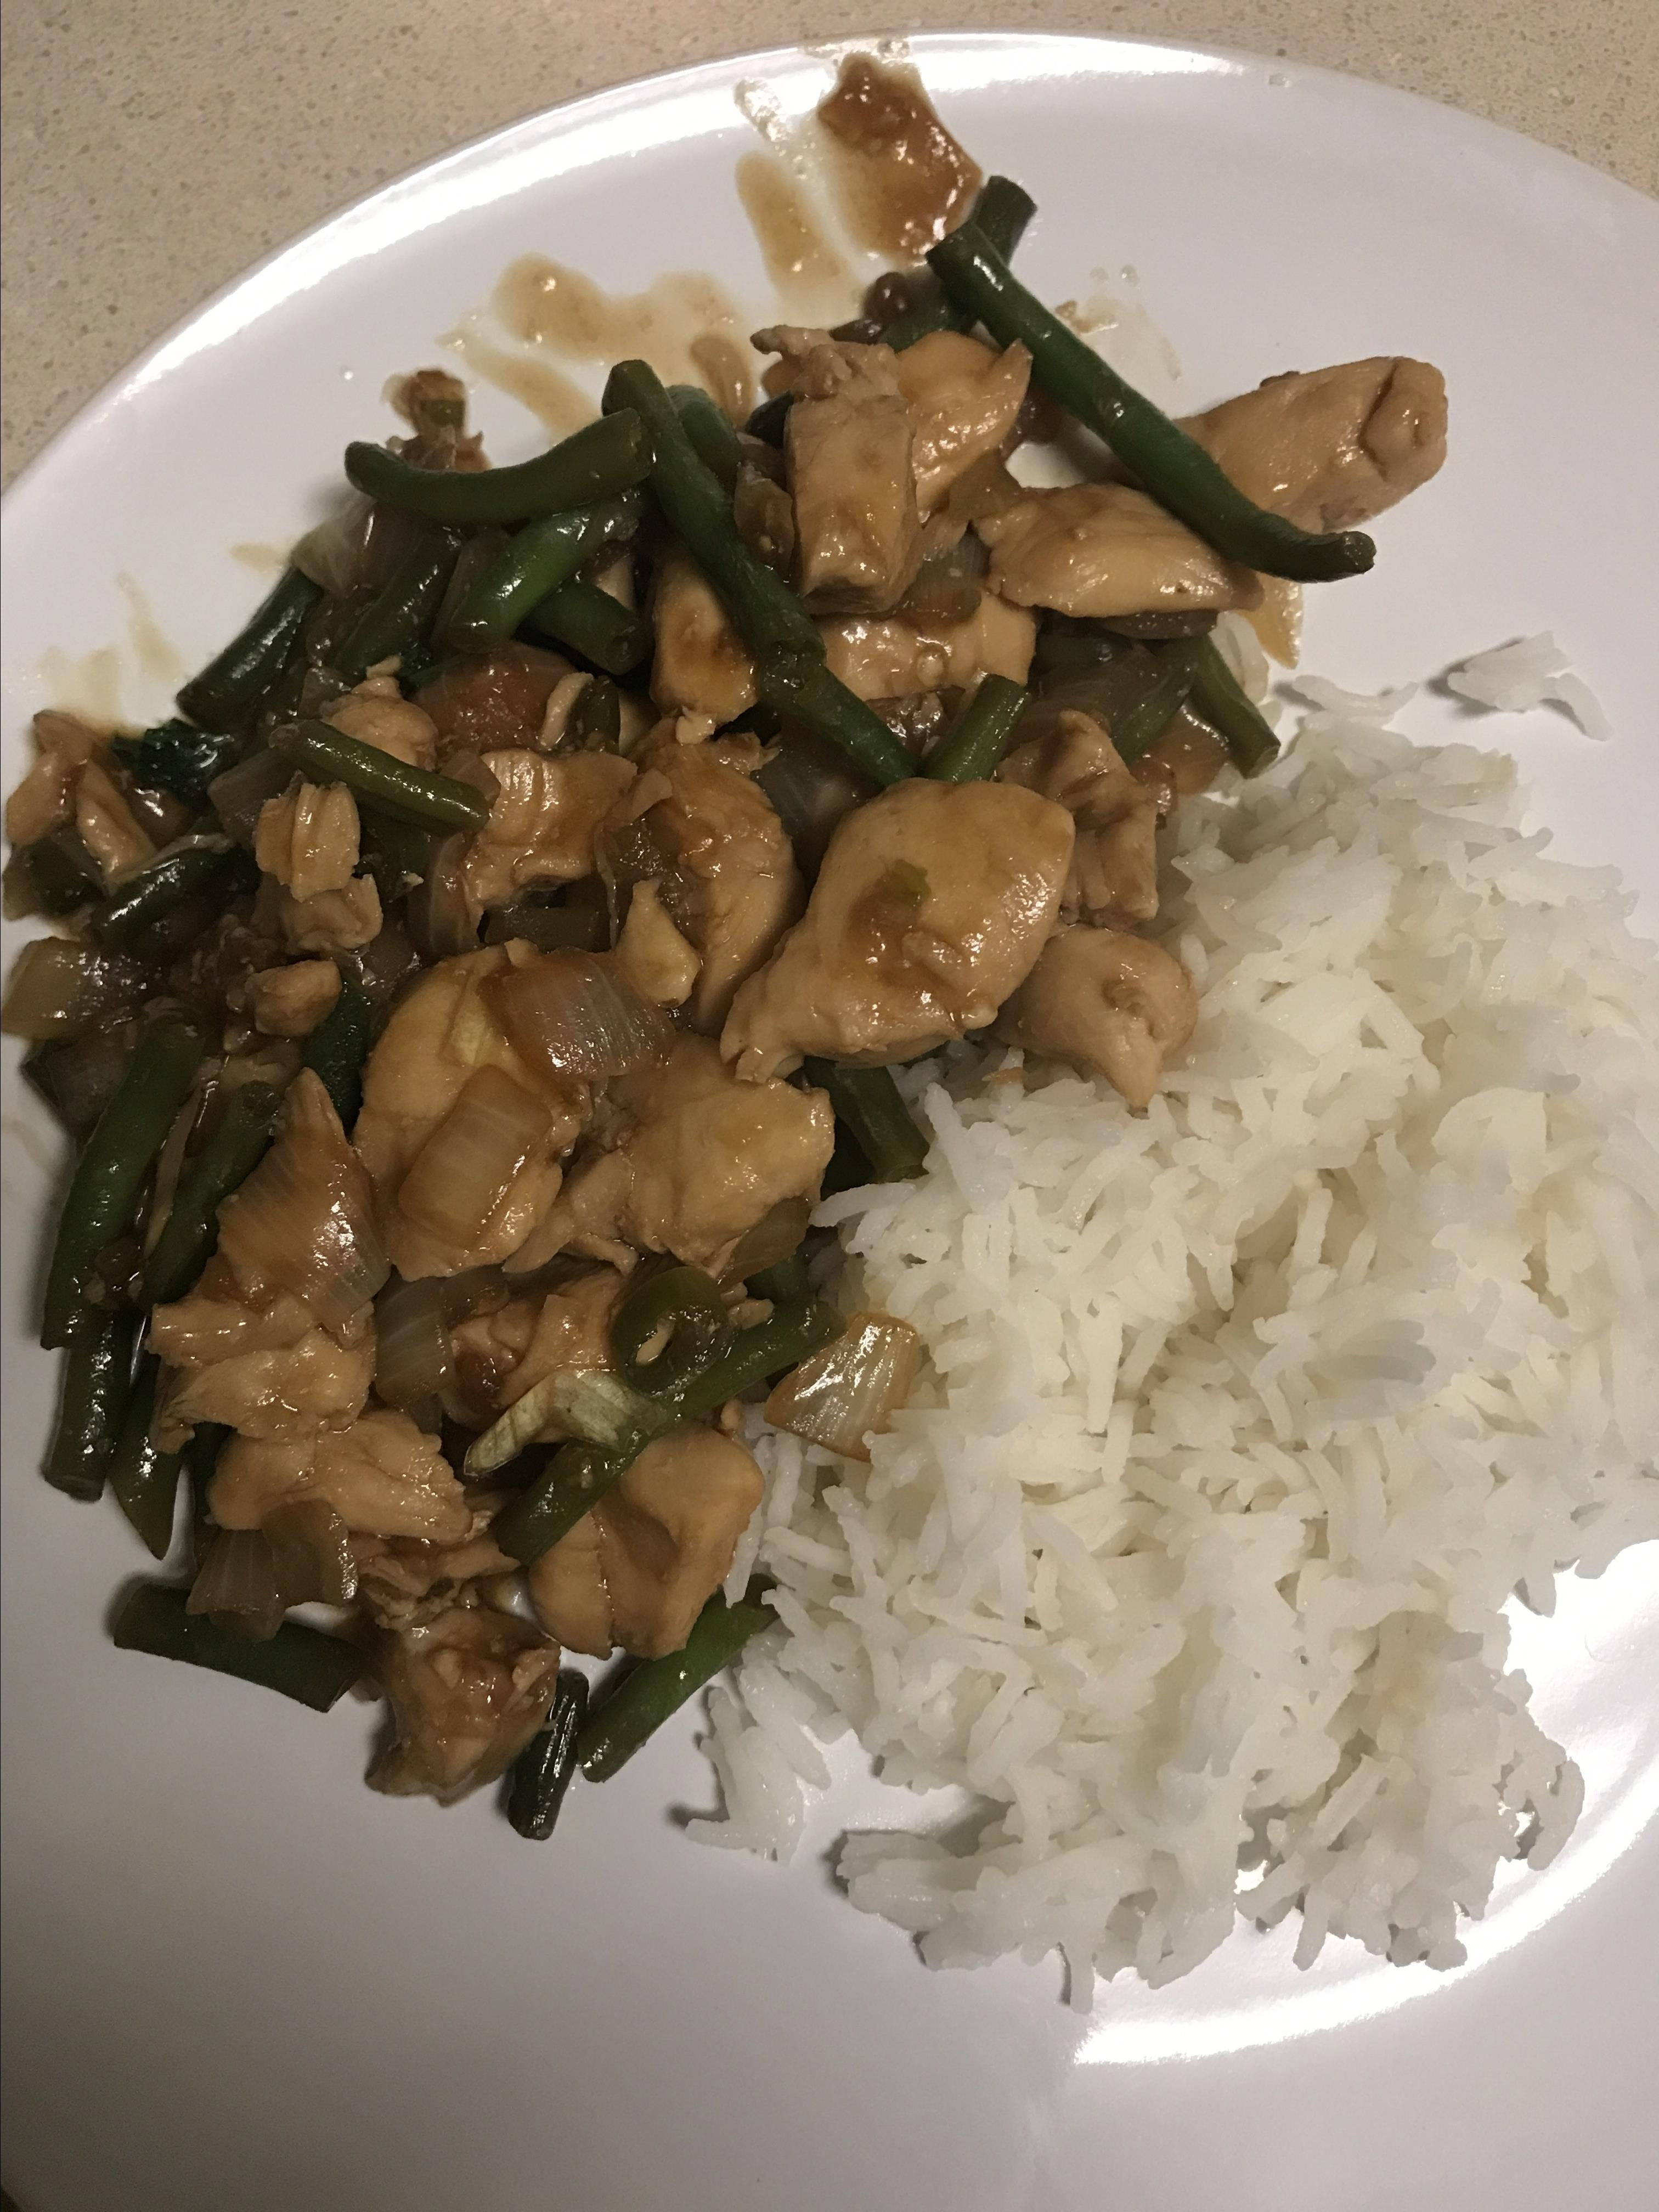 Spicy Thai Basil Chicken (Pad Krapow Gai)